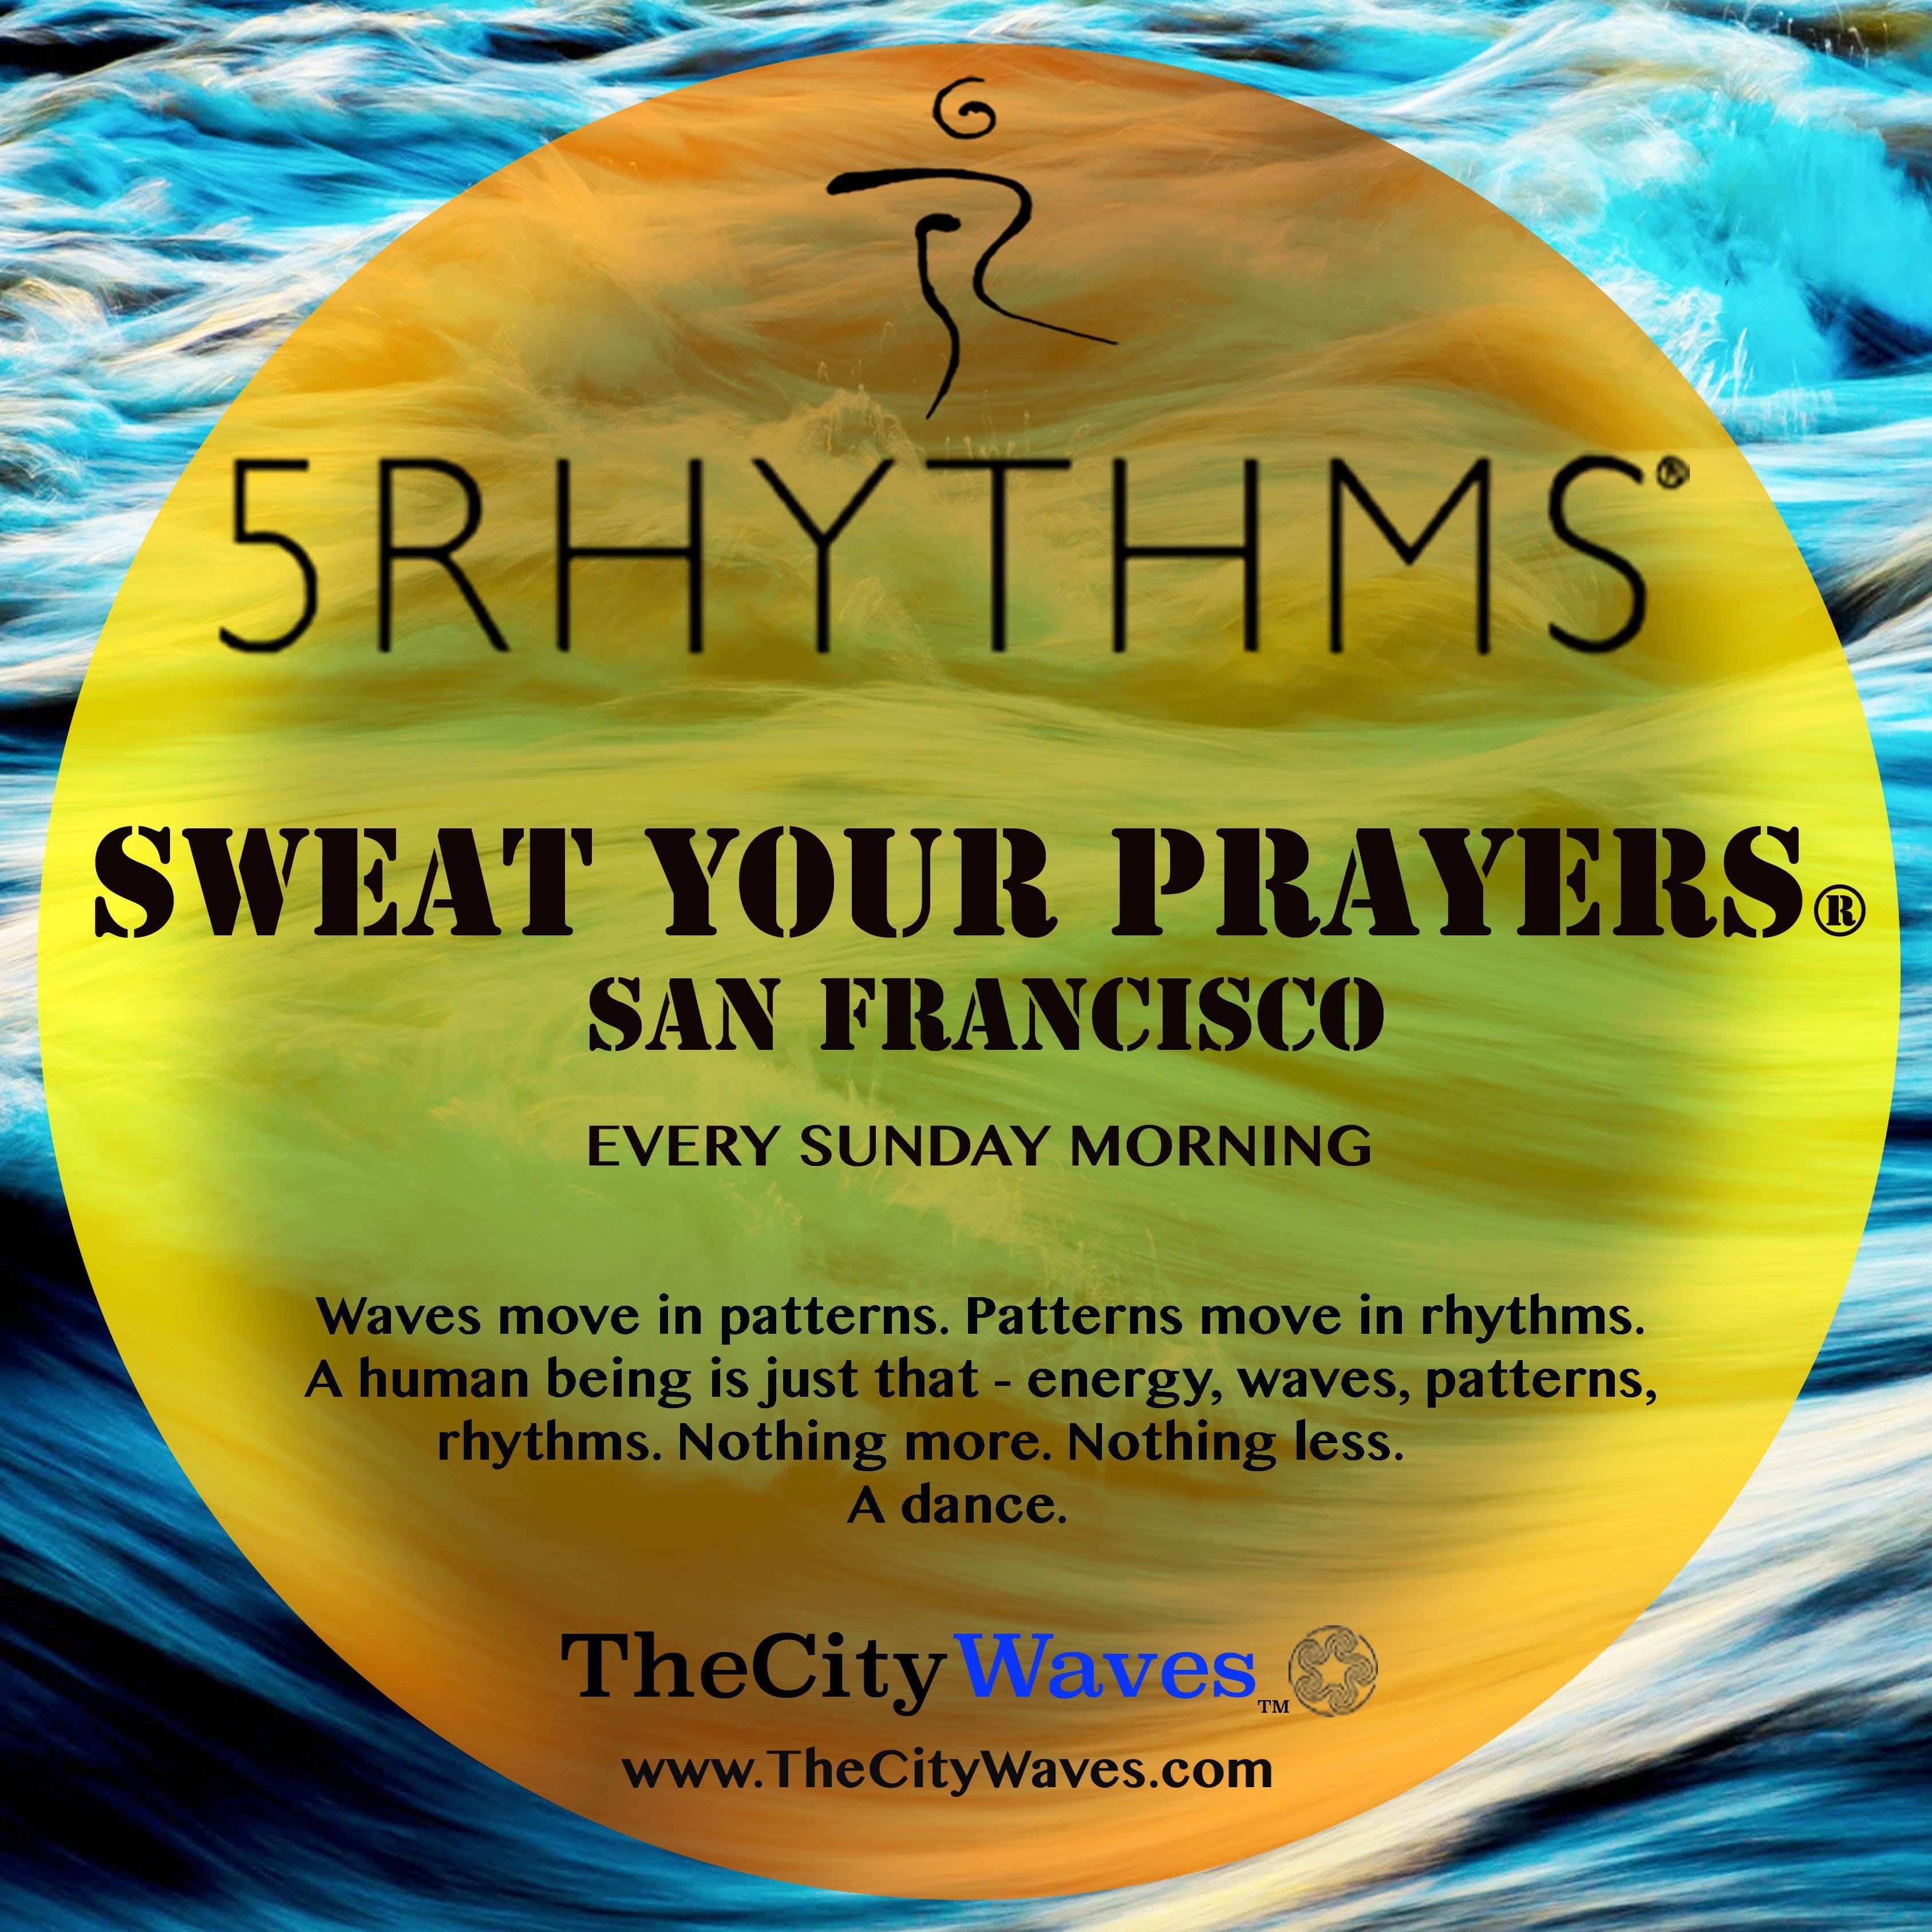 Sweat Your Prayers San Francisco at Abada-Capoeira San